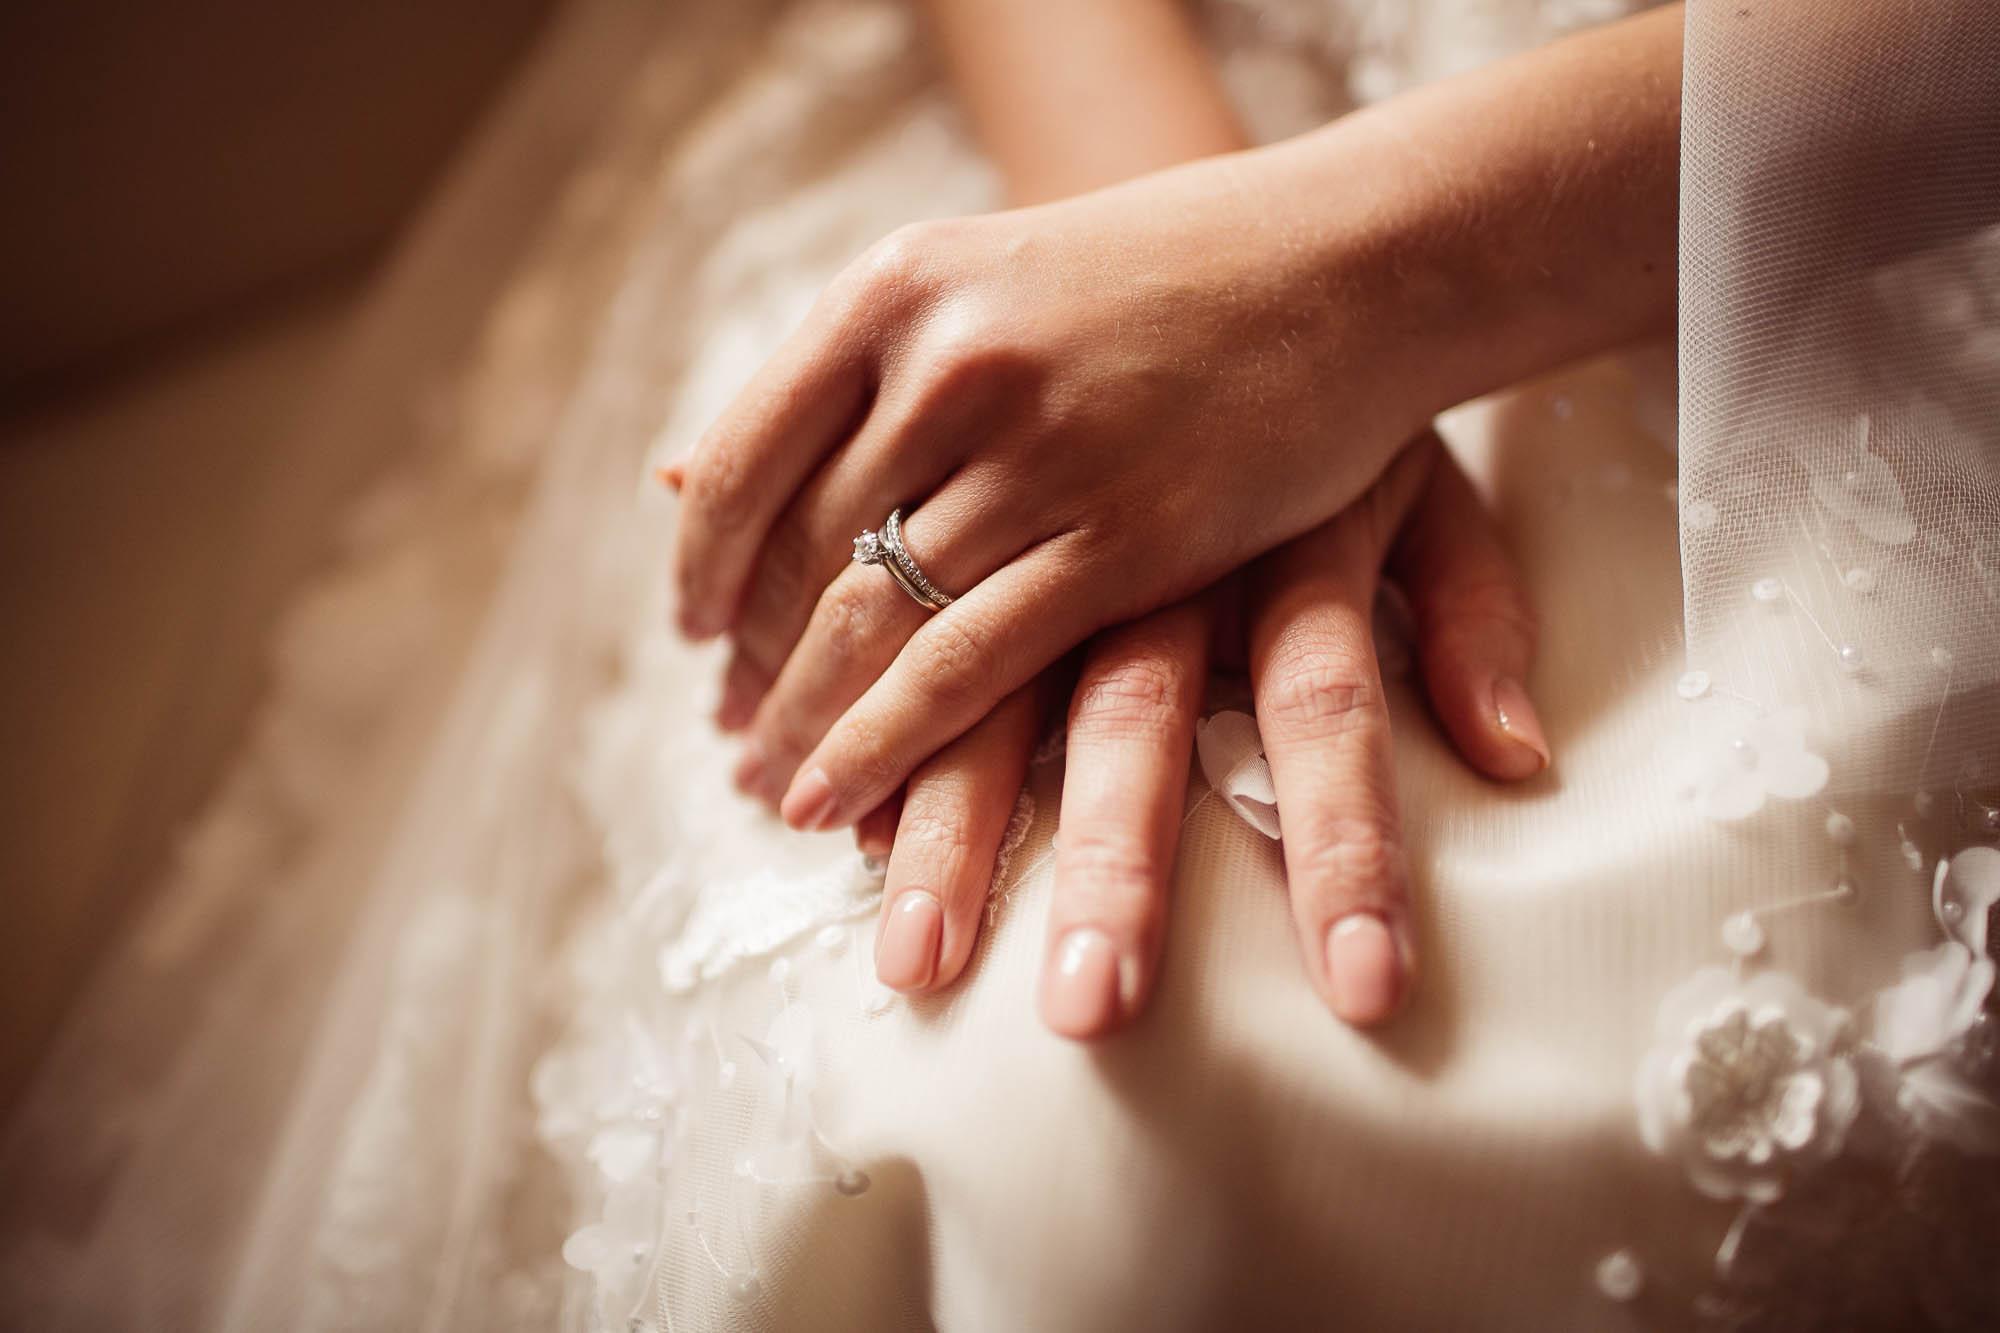 La novia coloca las manos en el regazo con el anillo de compromiso